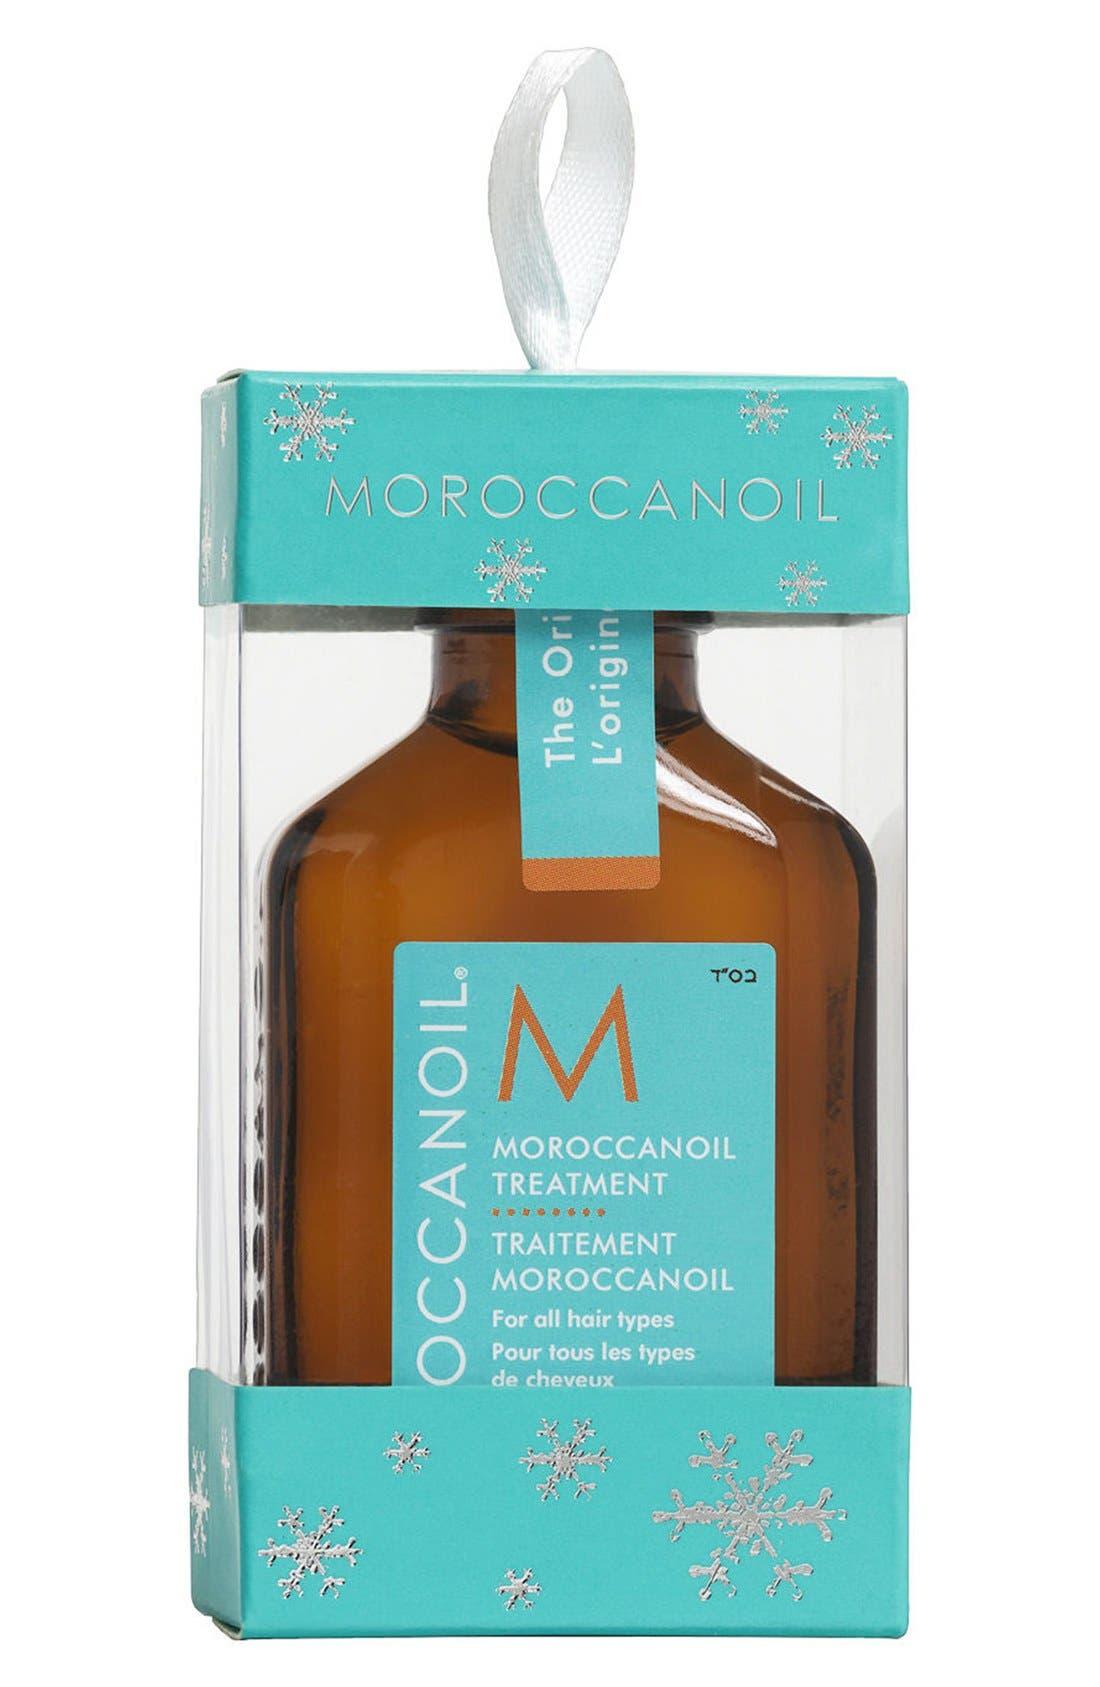 MOROCCANOIL Treatment Ornament